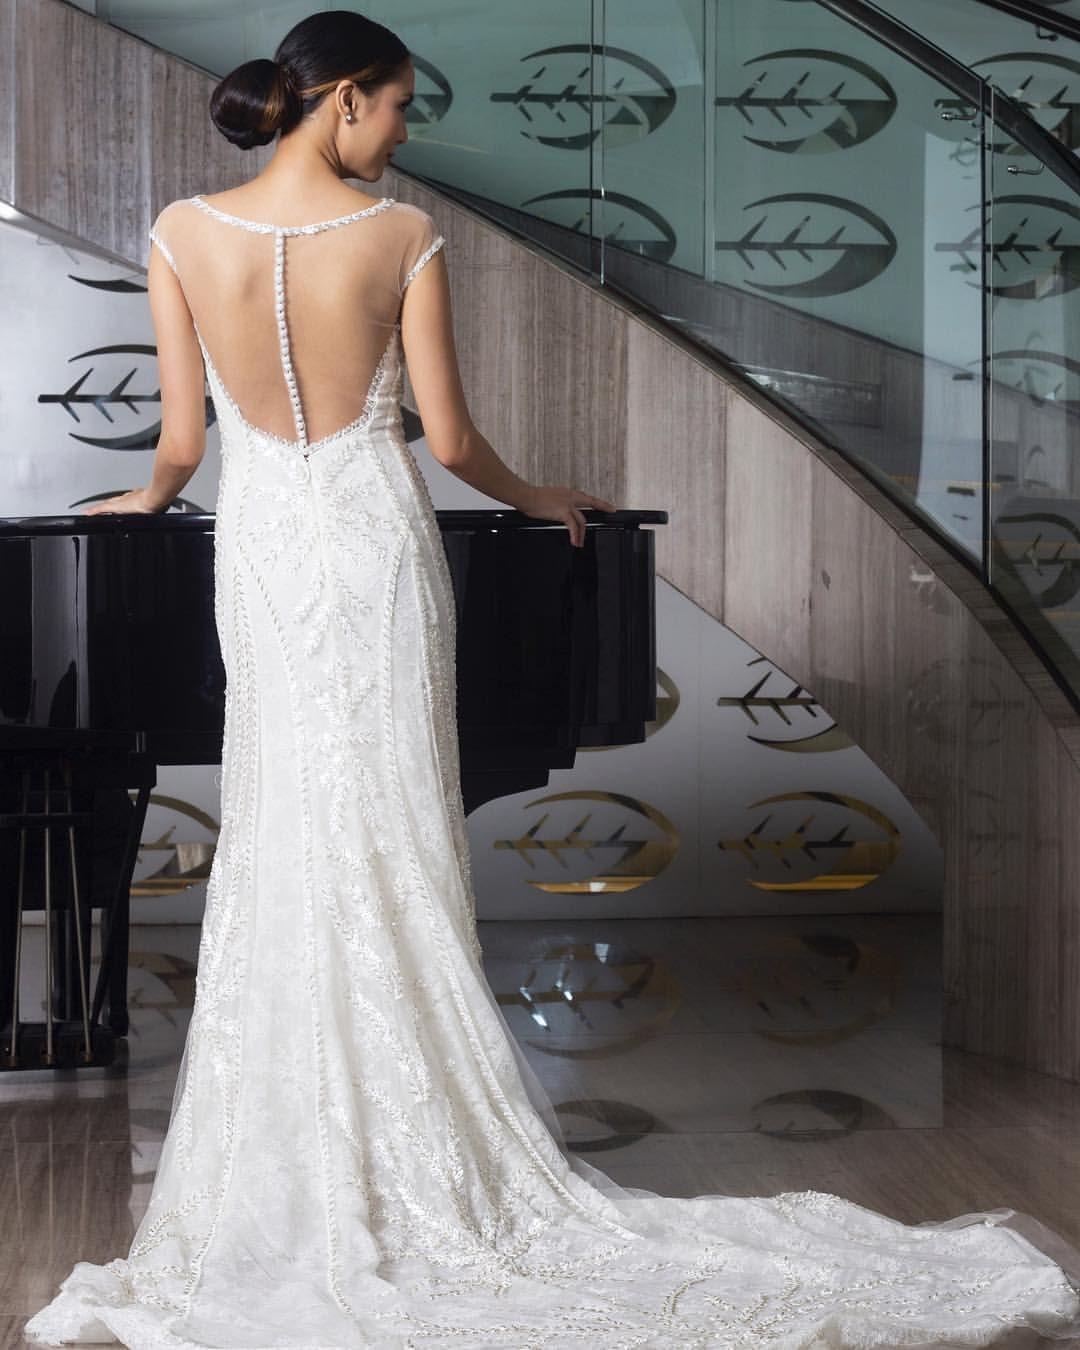 Preloved pronovias wedding dresses   Likes  Comments  BOTTEGA BELLANCE bottegabellance on